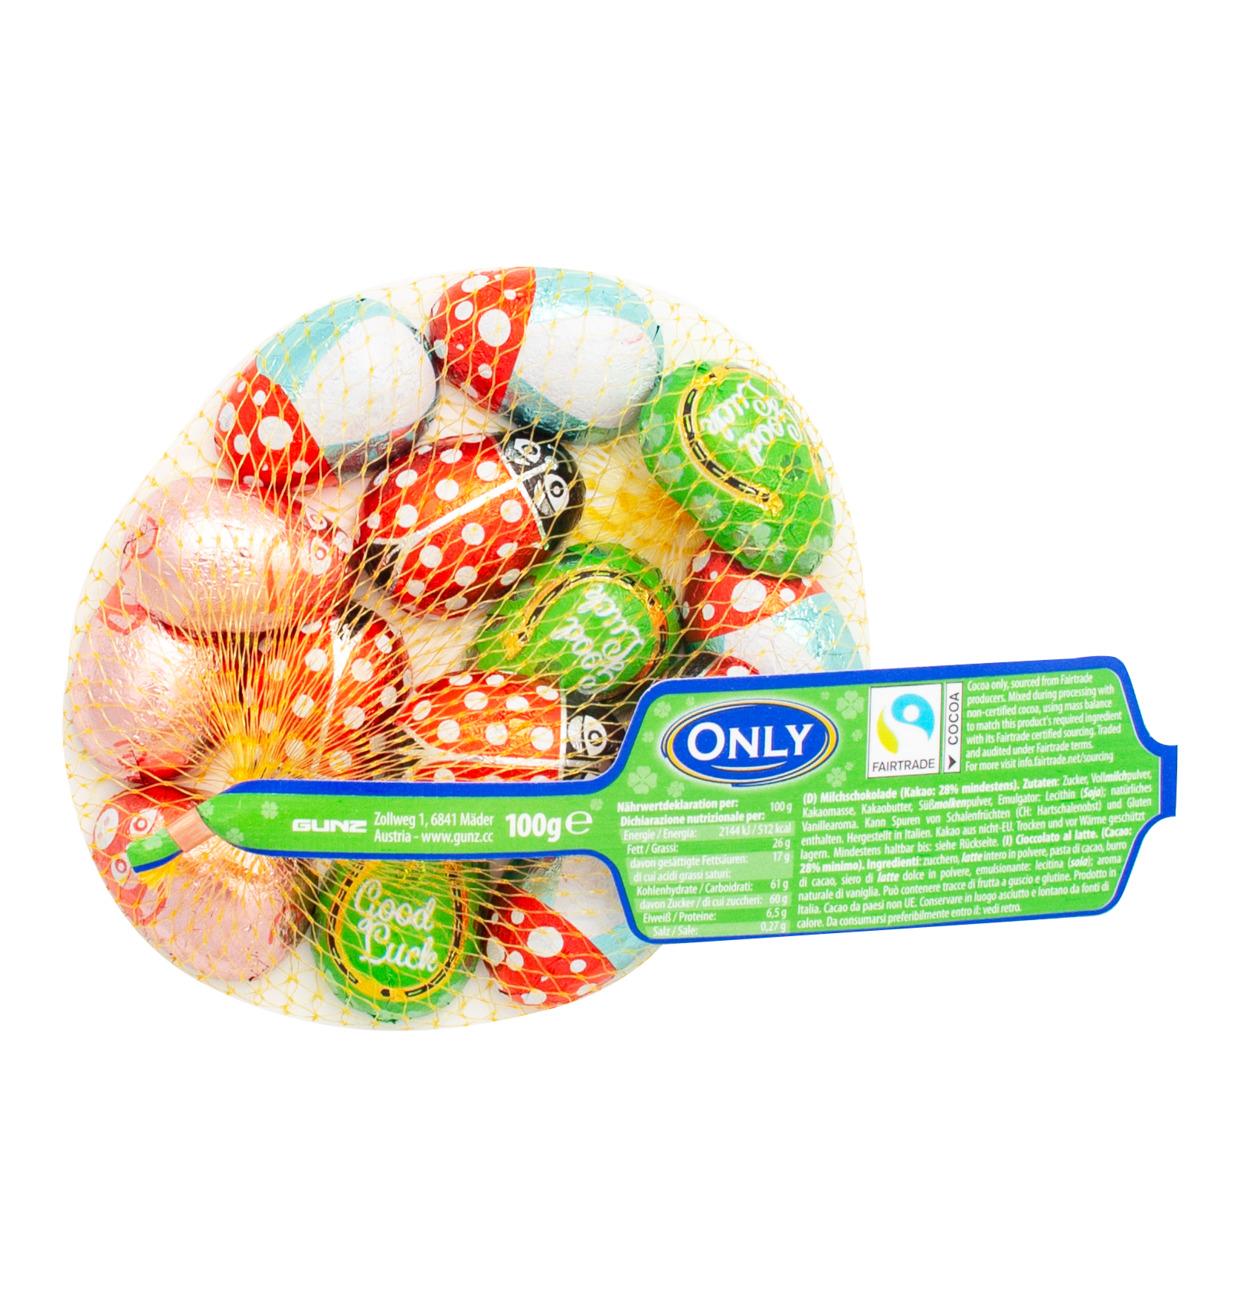 Glücksbringer Milchschokolade 100g